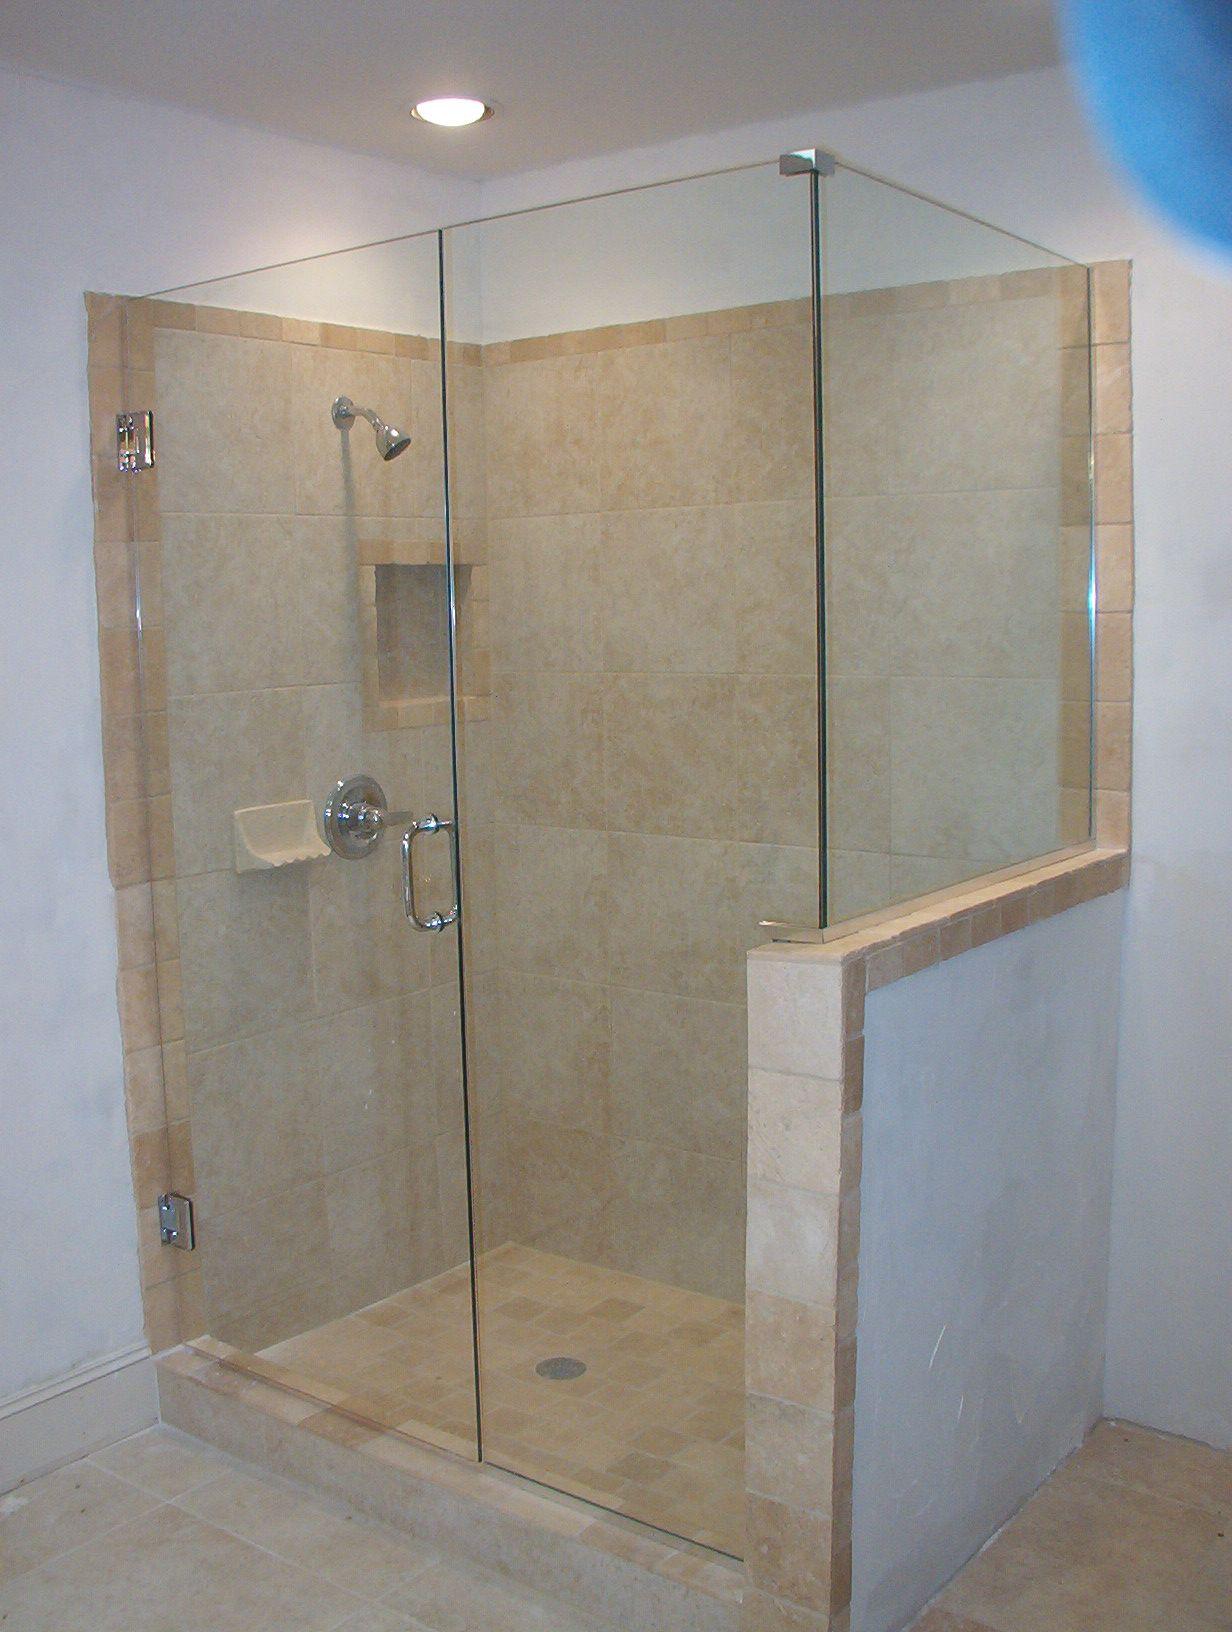 Bathroom shower glass door price -